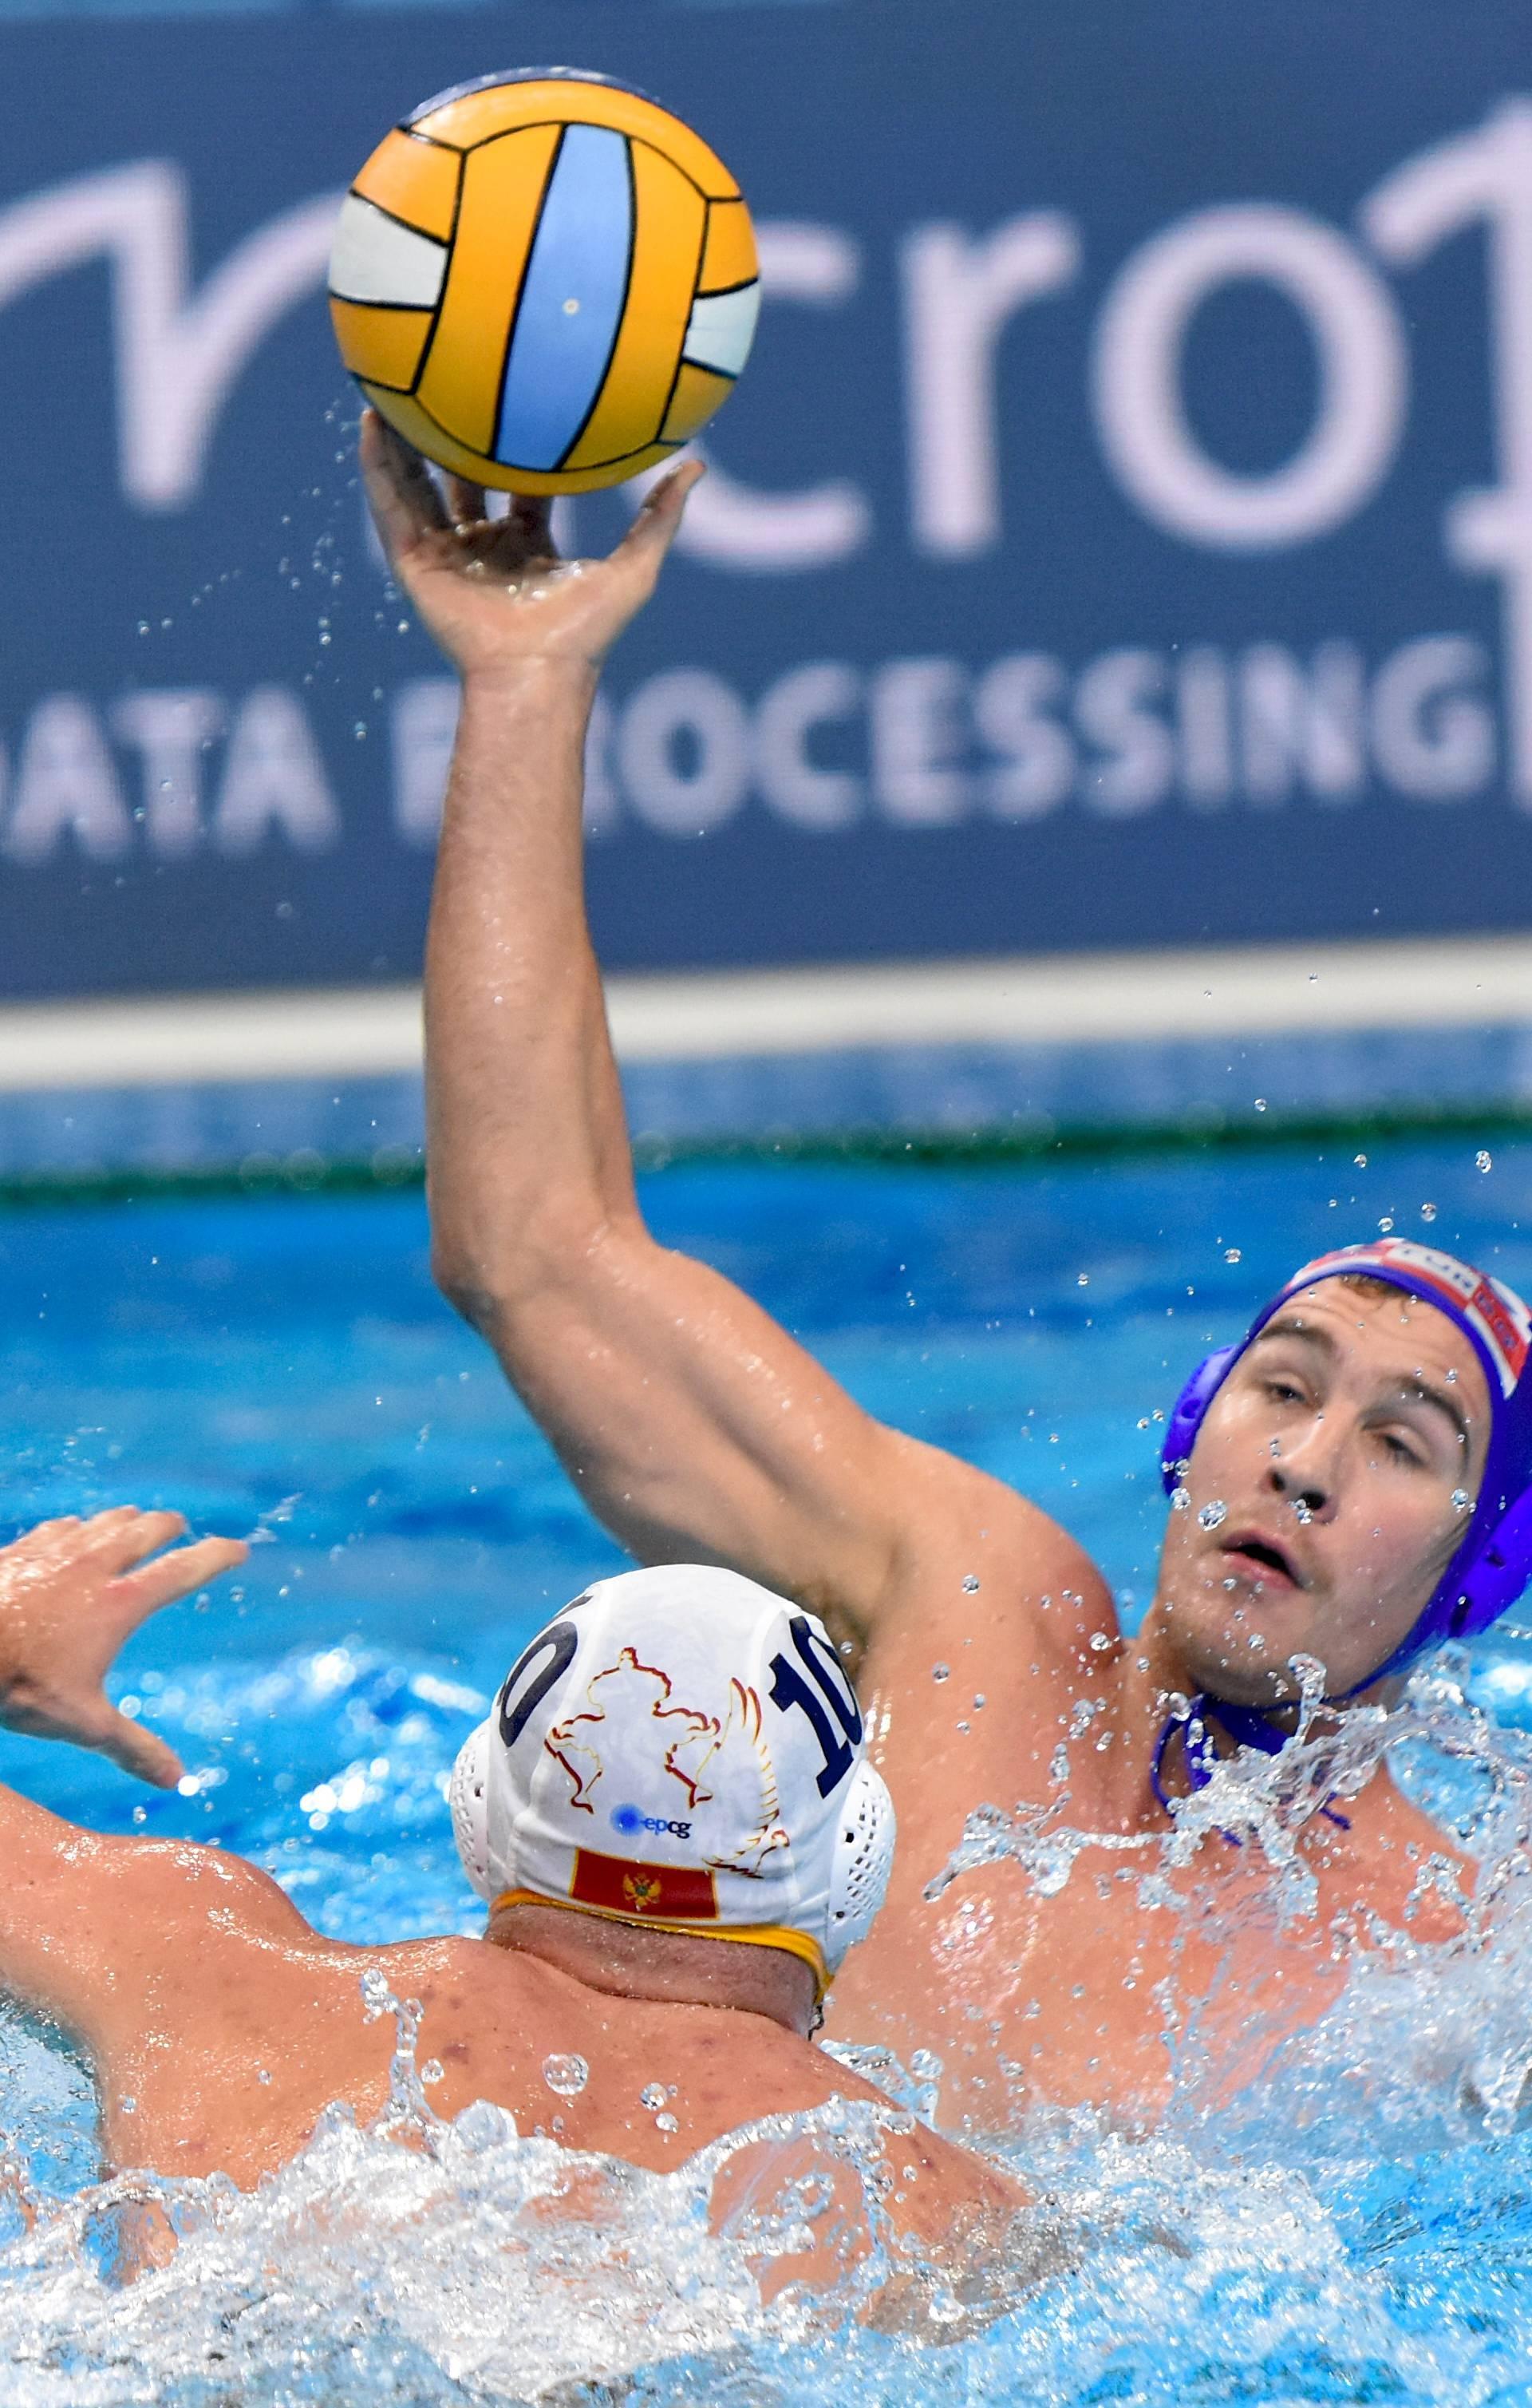 Španjolci su nam srušili san o finalu: 'Barakude' će po broncu